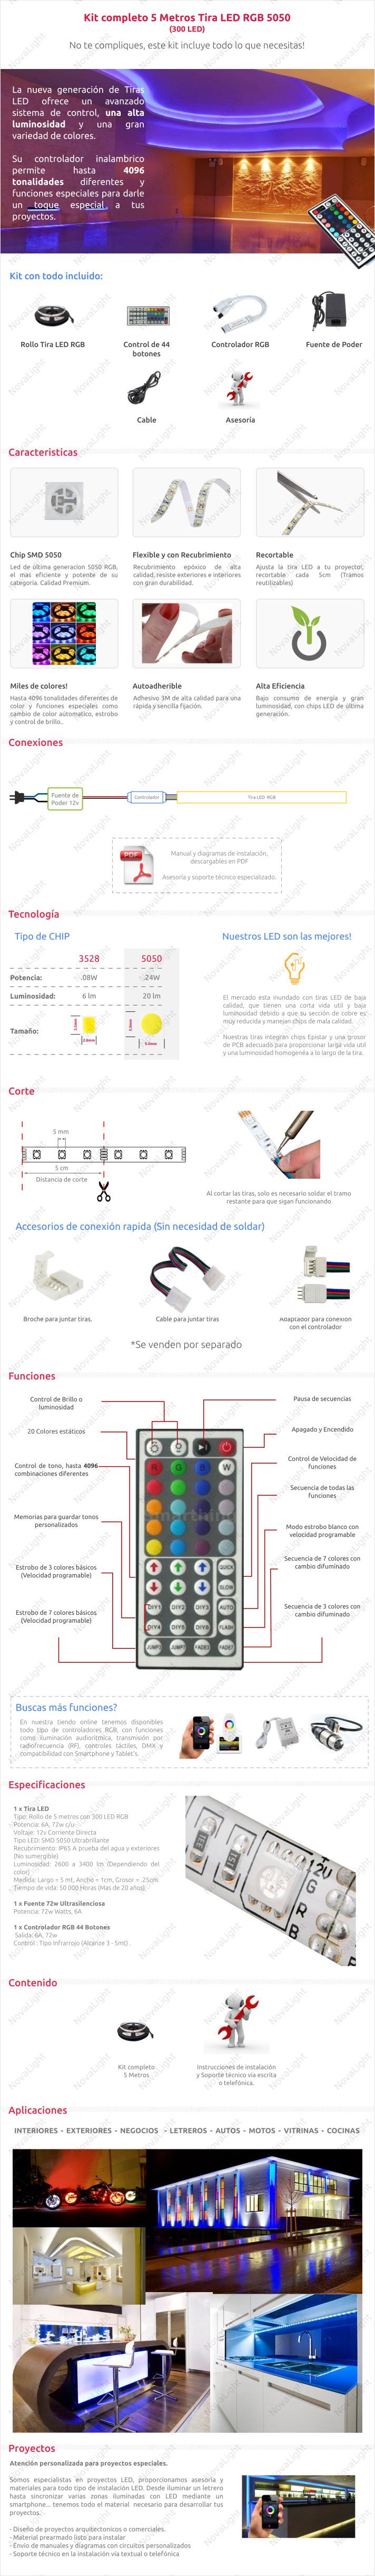 Descripción del articulo de tira LED RGB 5 metros Kit Completo